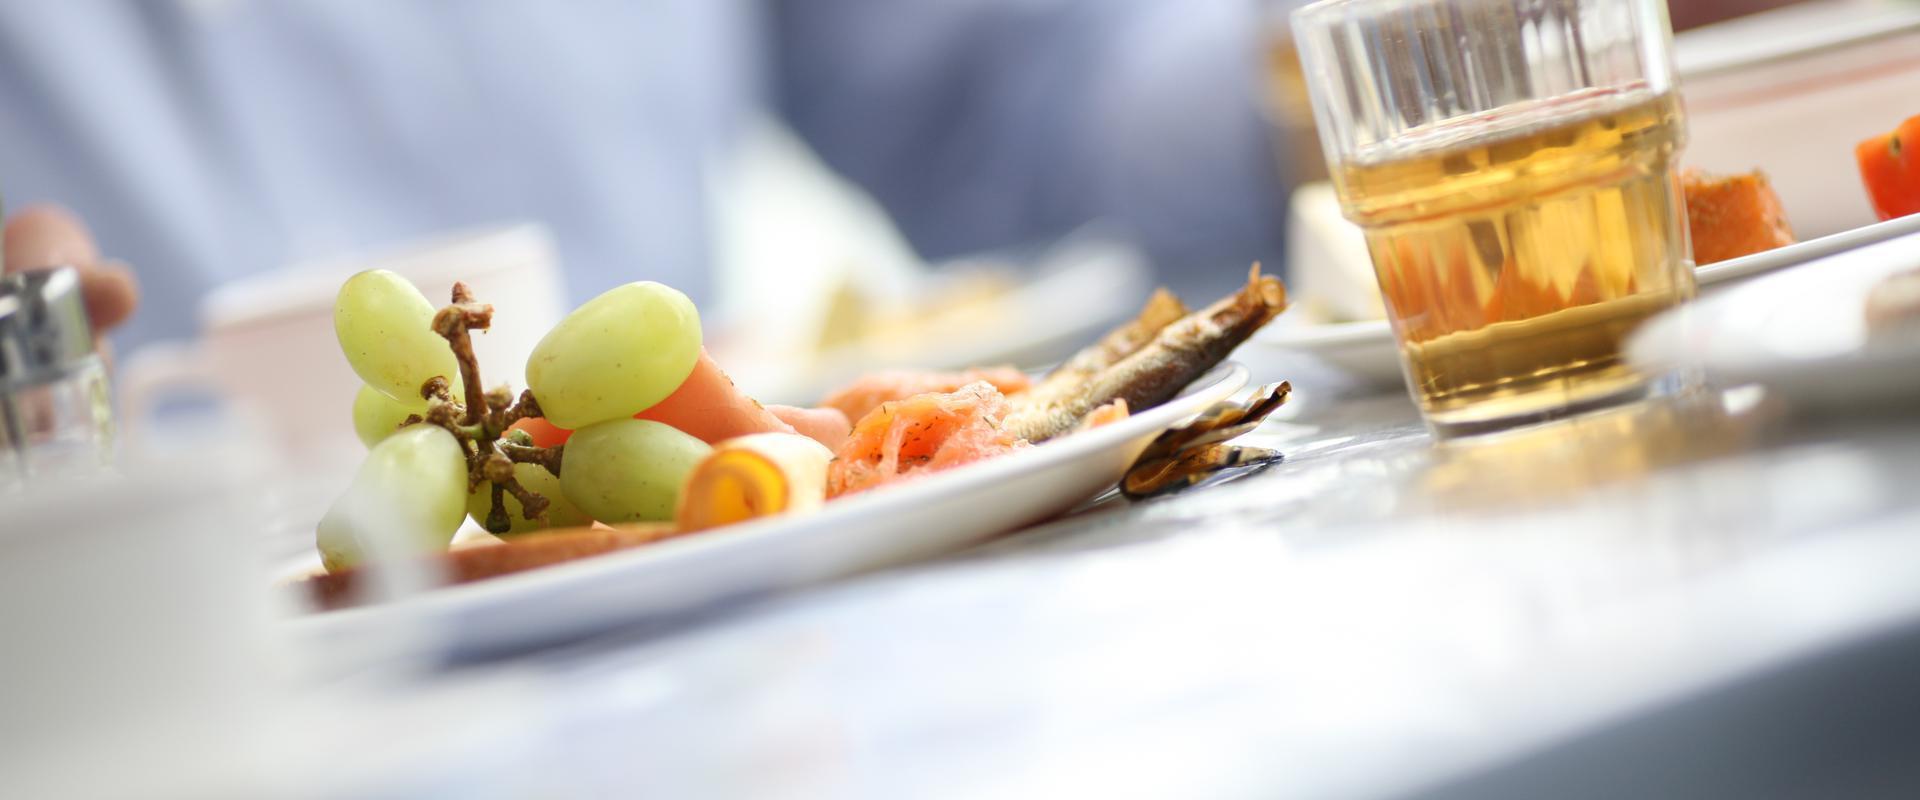 MEDIAN Klinik Leben und Wohnen Essen